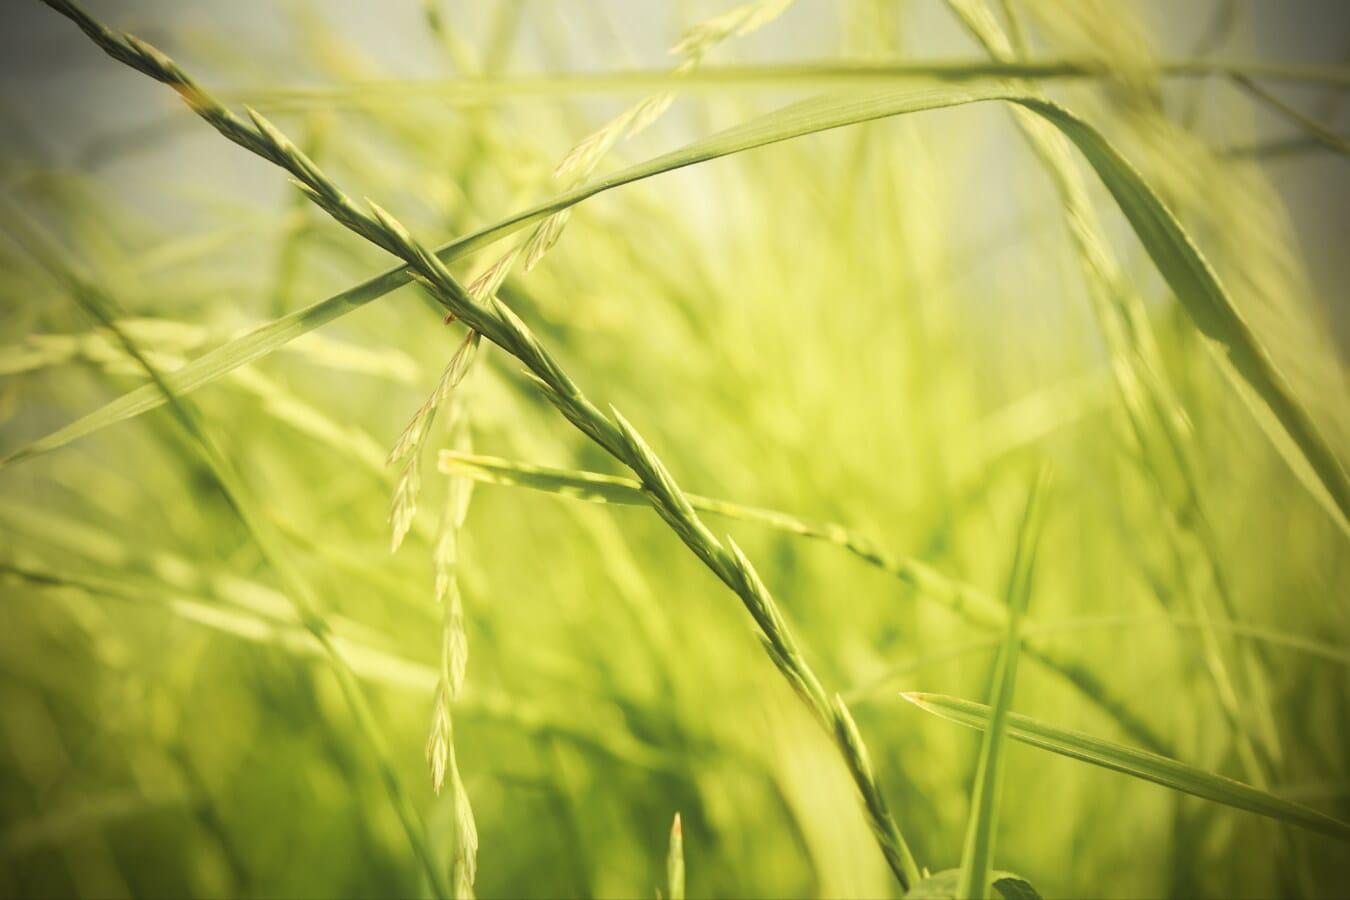 緑の葉, 間近, 草, 日当たりの良い, 太陽光線, 春の時間, 太陽の光, 春, 夏, 草原